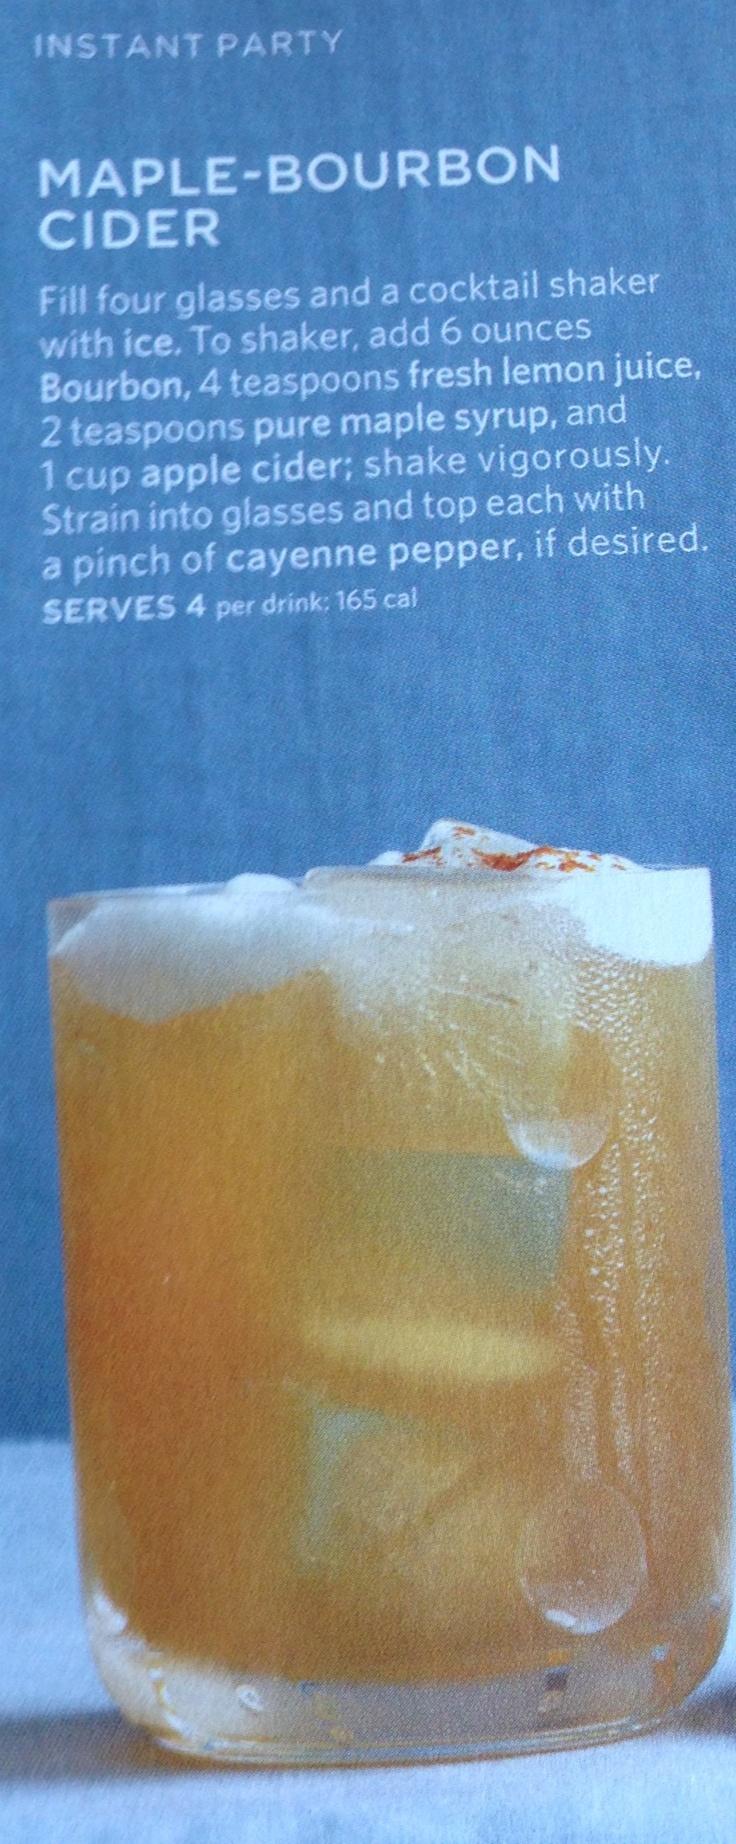 Maple Bourbon Cider - from Martha Stewart